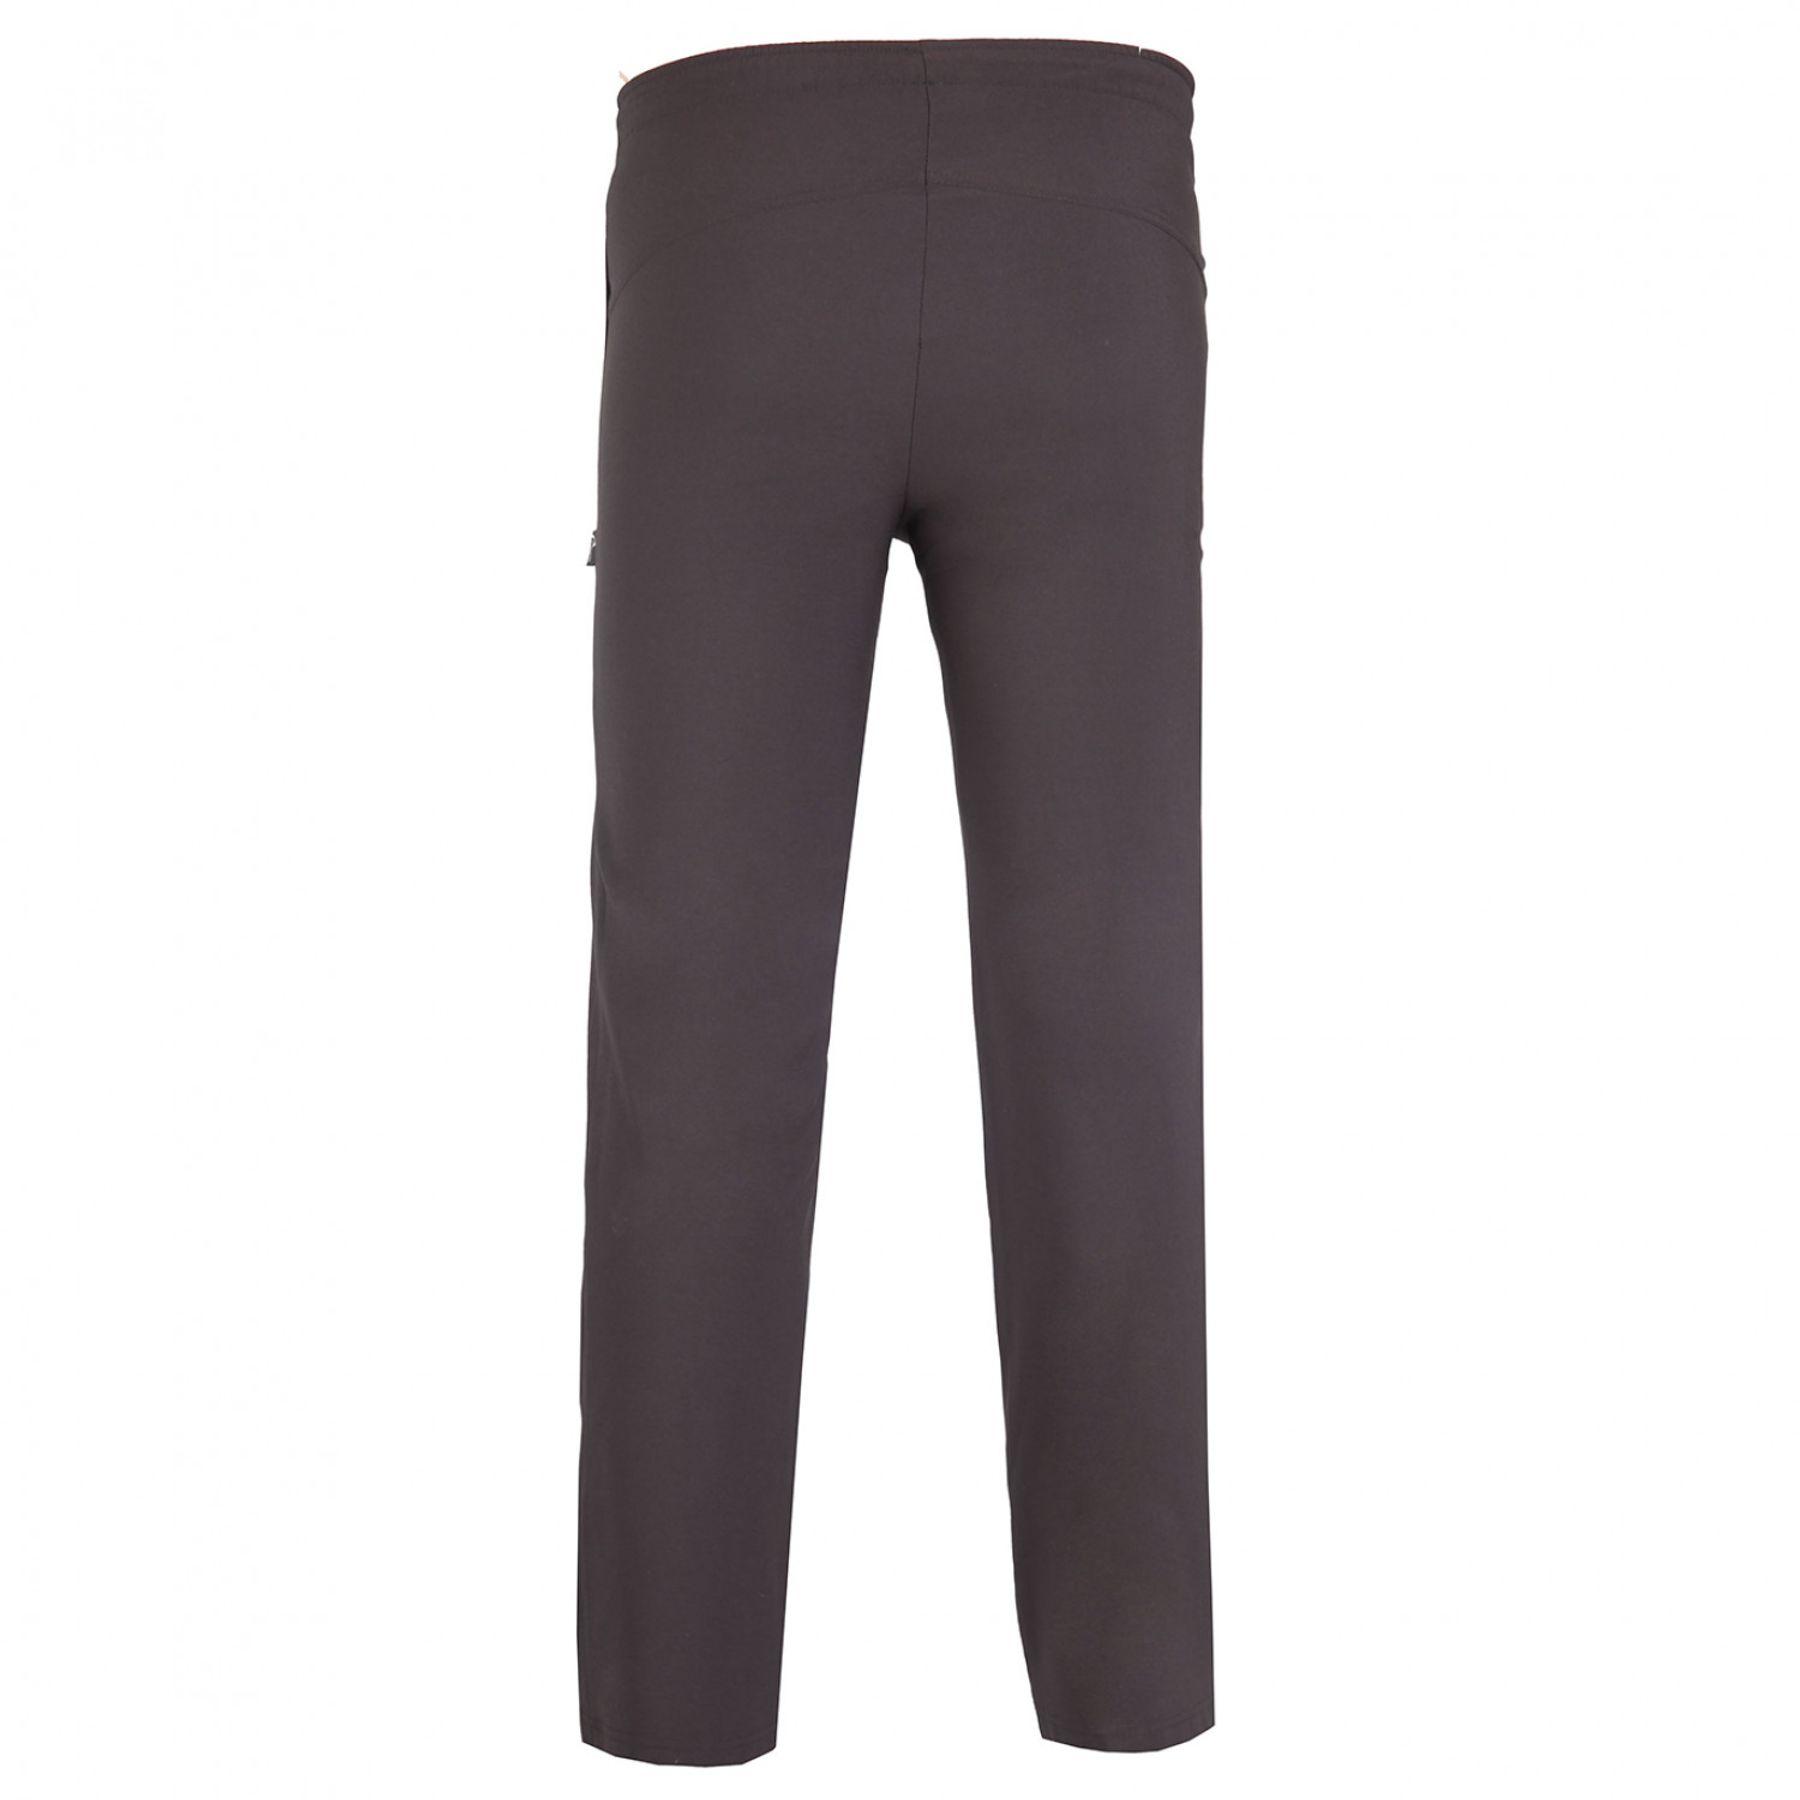 Authentic klein - Damen Sport und Freizeit Hose aus Stretchgewebe (03001) – Bild 3